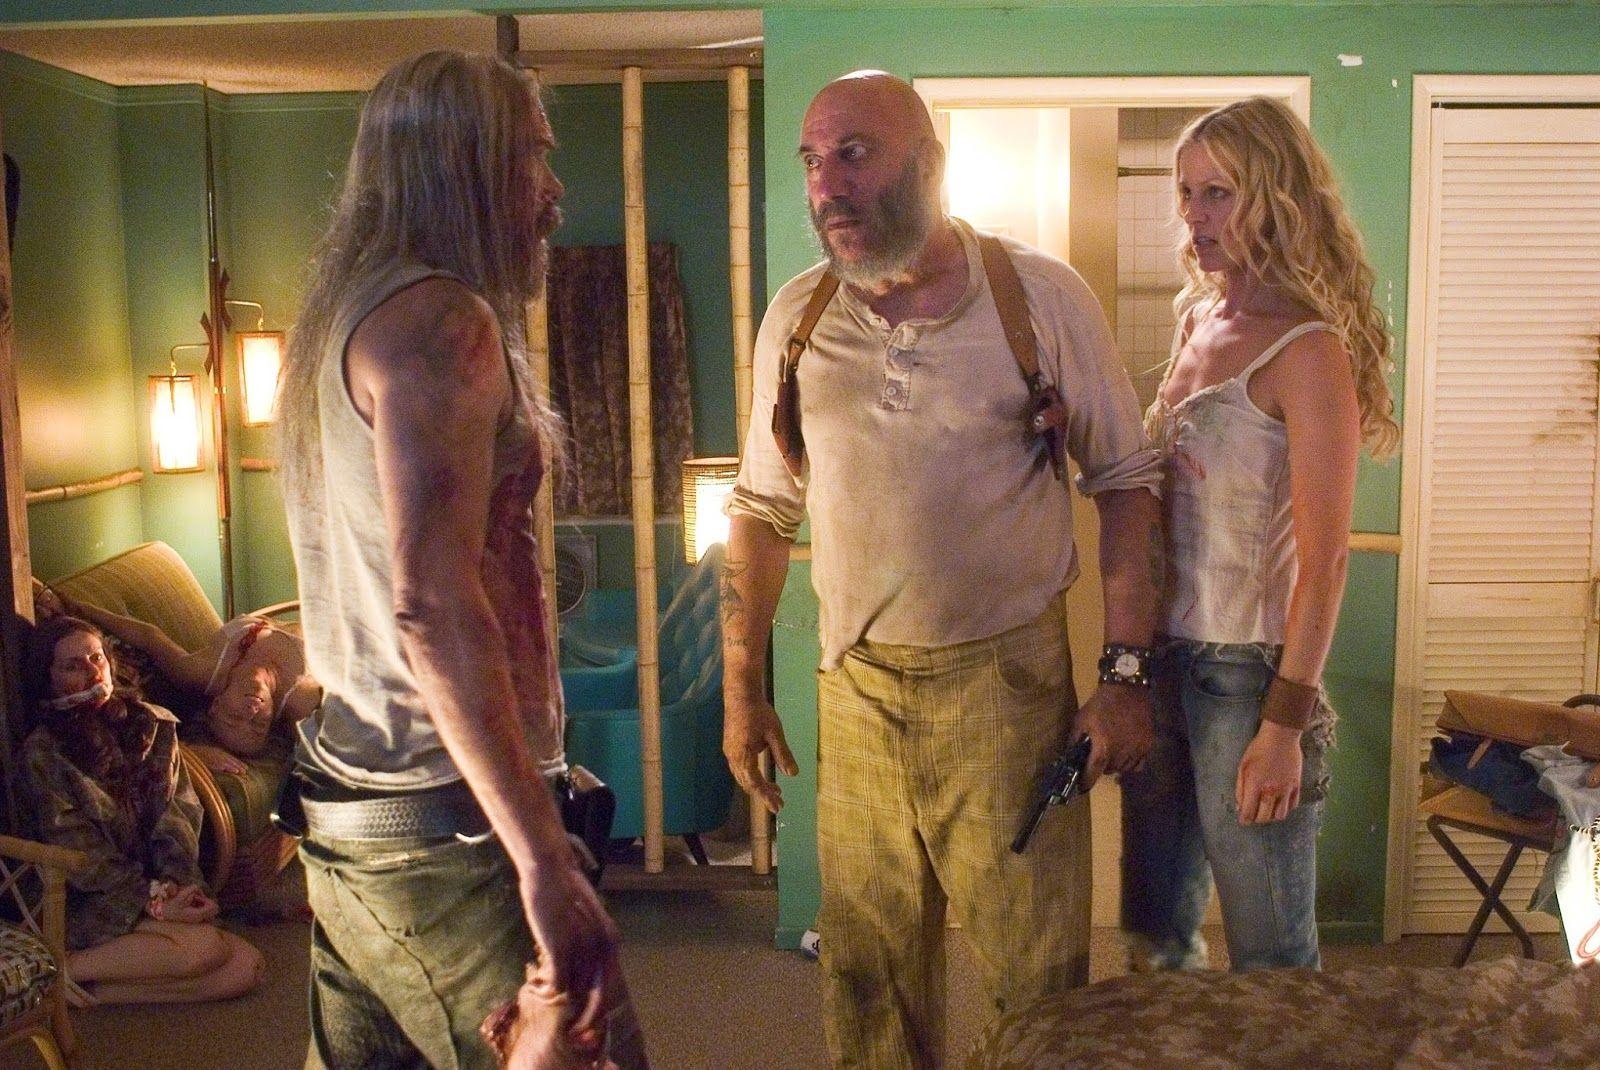 Veja uma seleo, depois de ver Rejeitados pelo Diabo online grtis  4.4 Fear the Walking Dead 1-5 temporada 1-16 srie 4.7 The Walking Dead 1-10 temporada 1-2 srie 4.6 Riverdale 1-4 temporada 1-1 srie 3.1 Raising Dion 1 temporada 1-9 srie